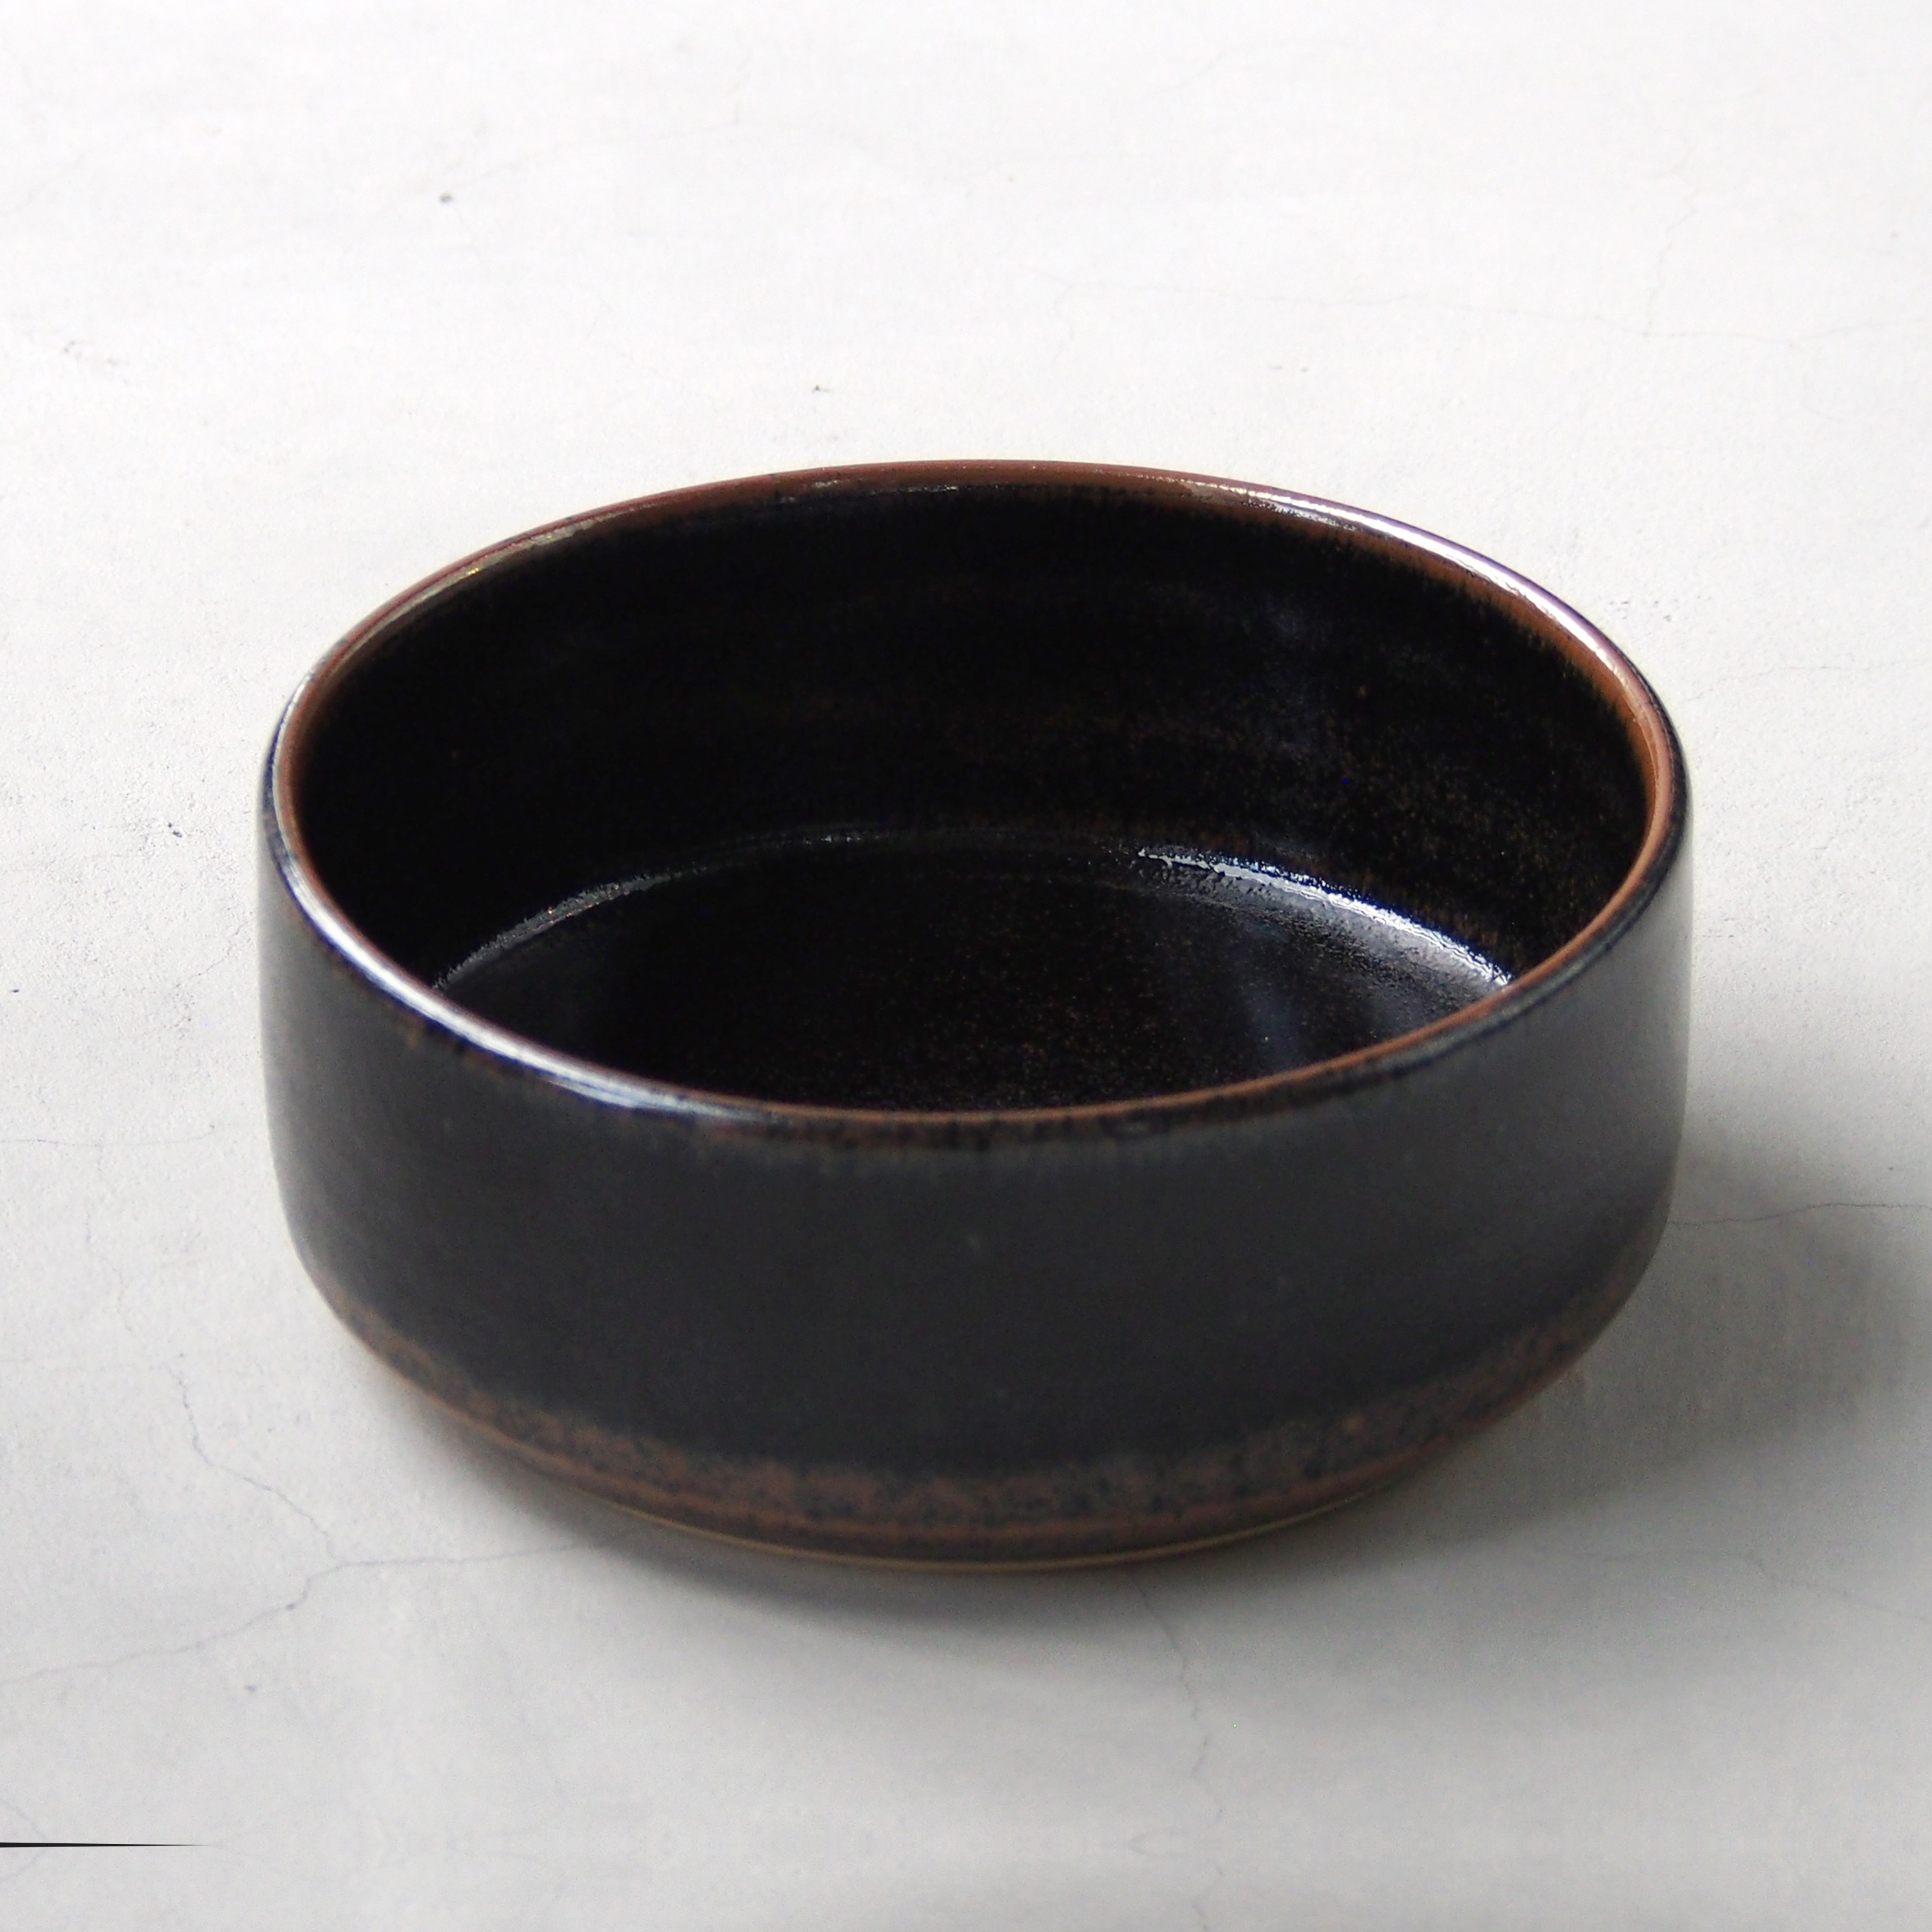 出西窯 深切立鉢7寸 黒